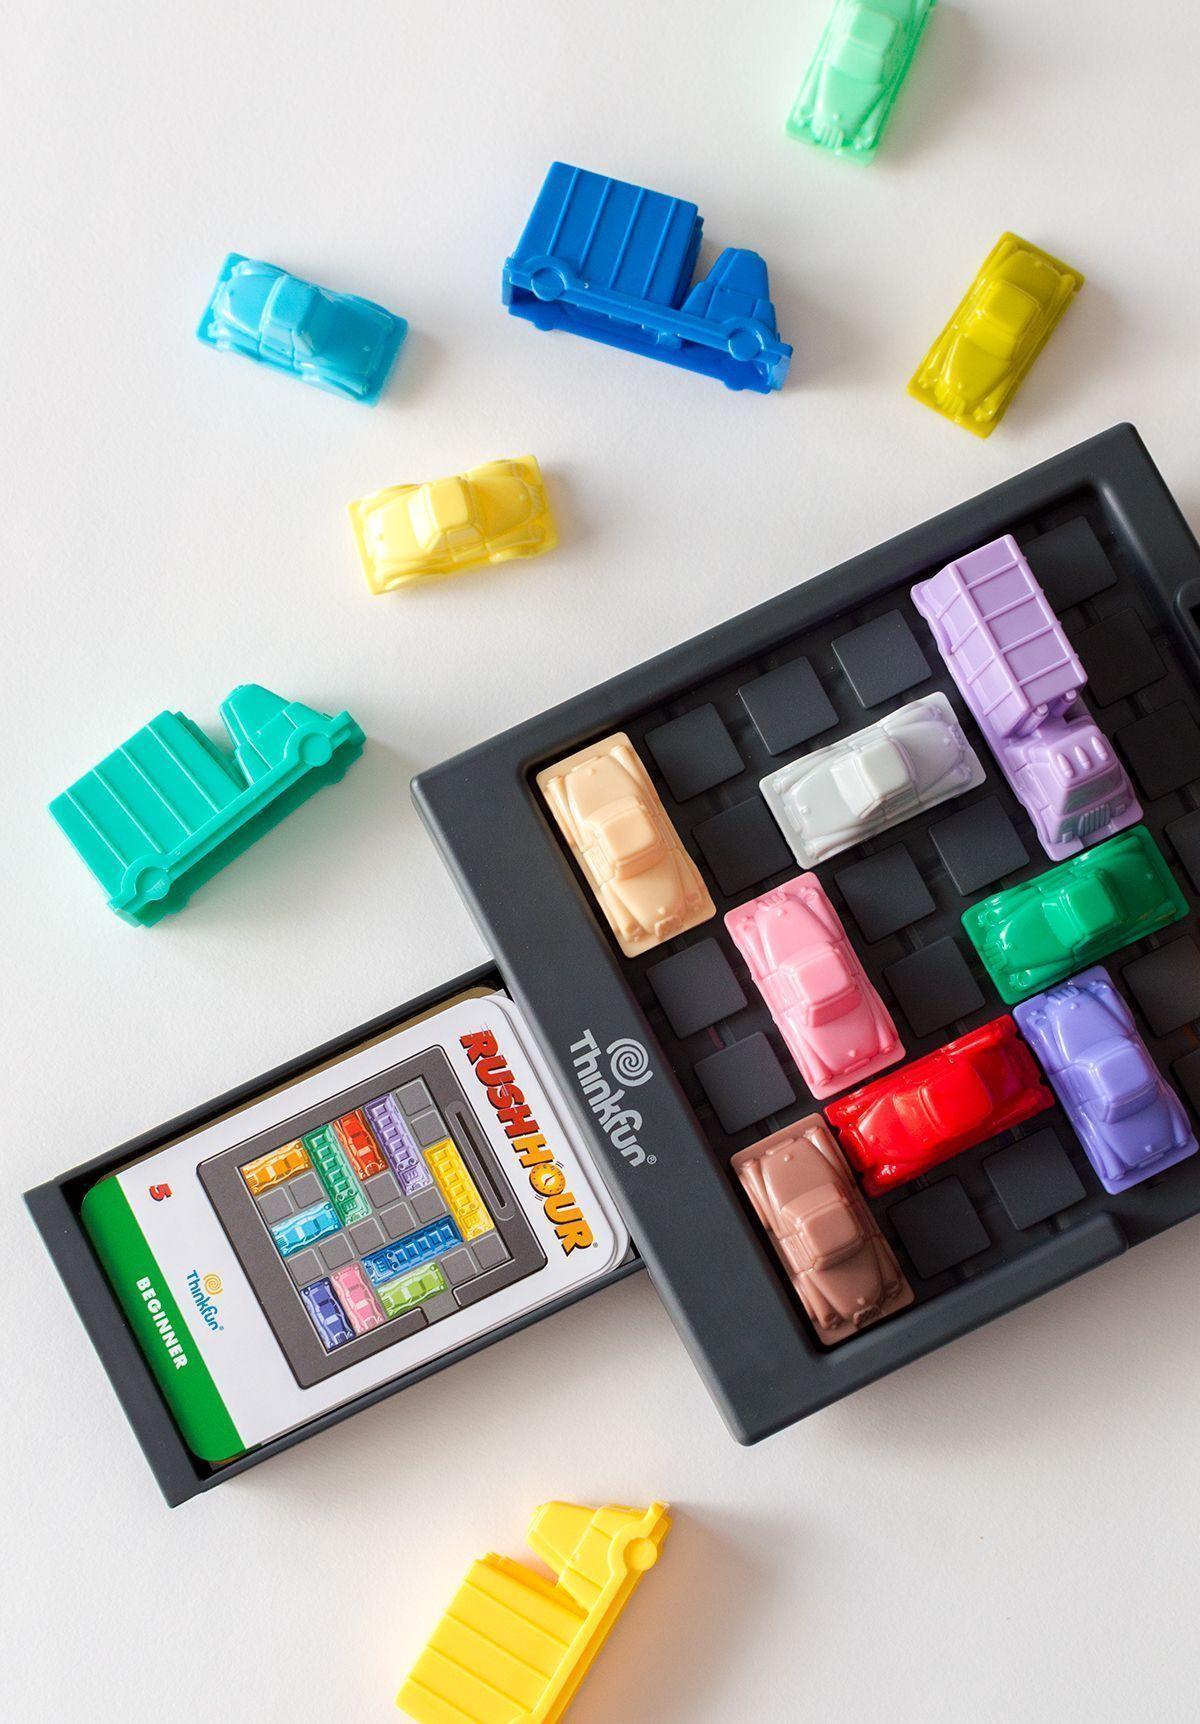 juguetes para viajar con nios tus grandes aliados sern los juegos magnticos o cualquiera que evite que las piezas se caigan por ejemplo